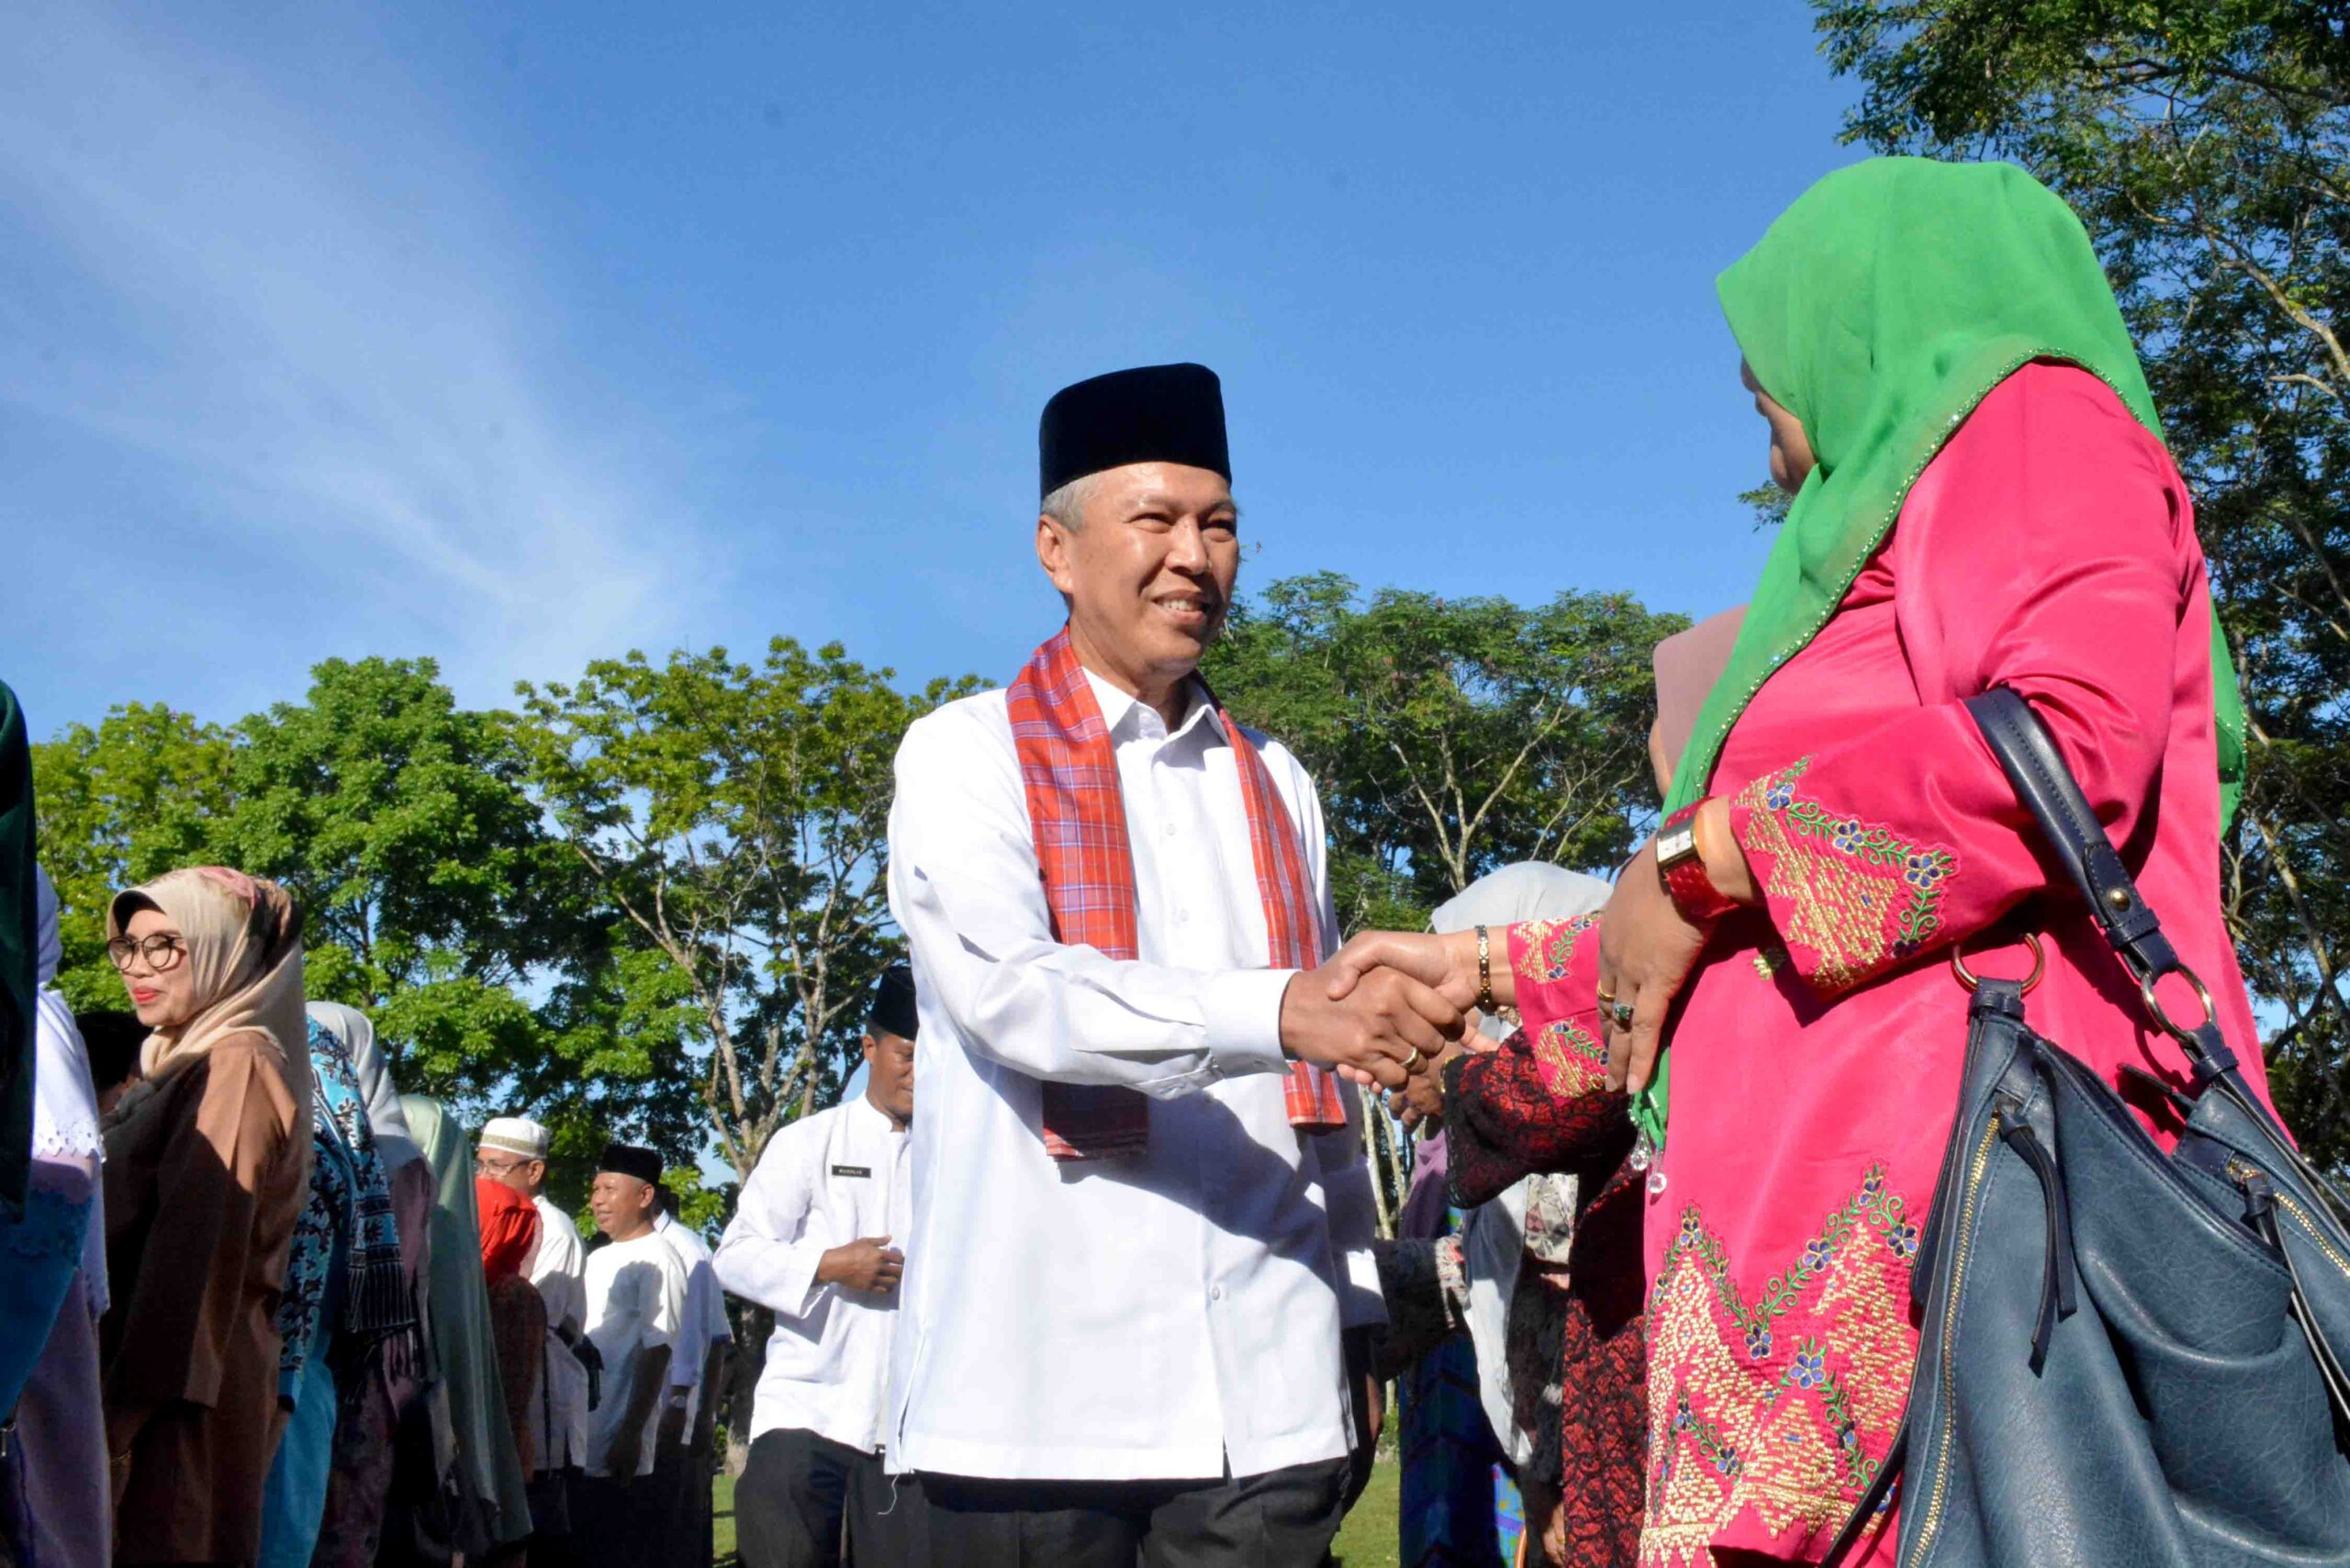 Bupati Tanah Datar, Sumbar Irdinansyah Tarmizi menyalami ASN, usai apel Jumat (13/7/2018).